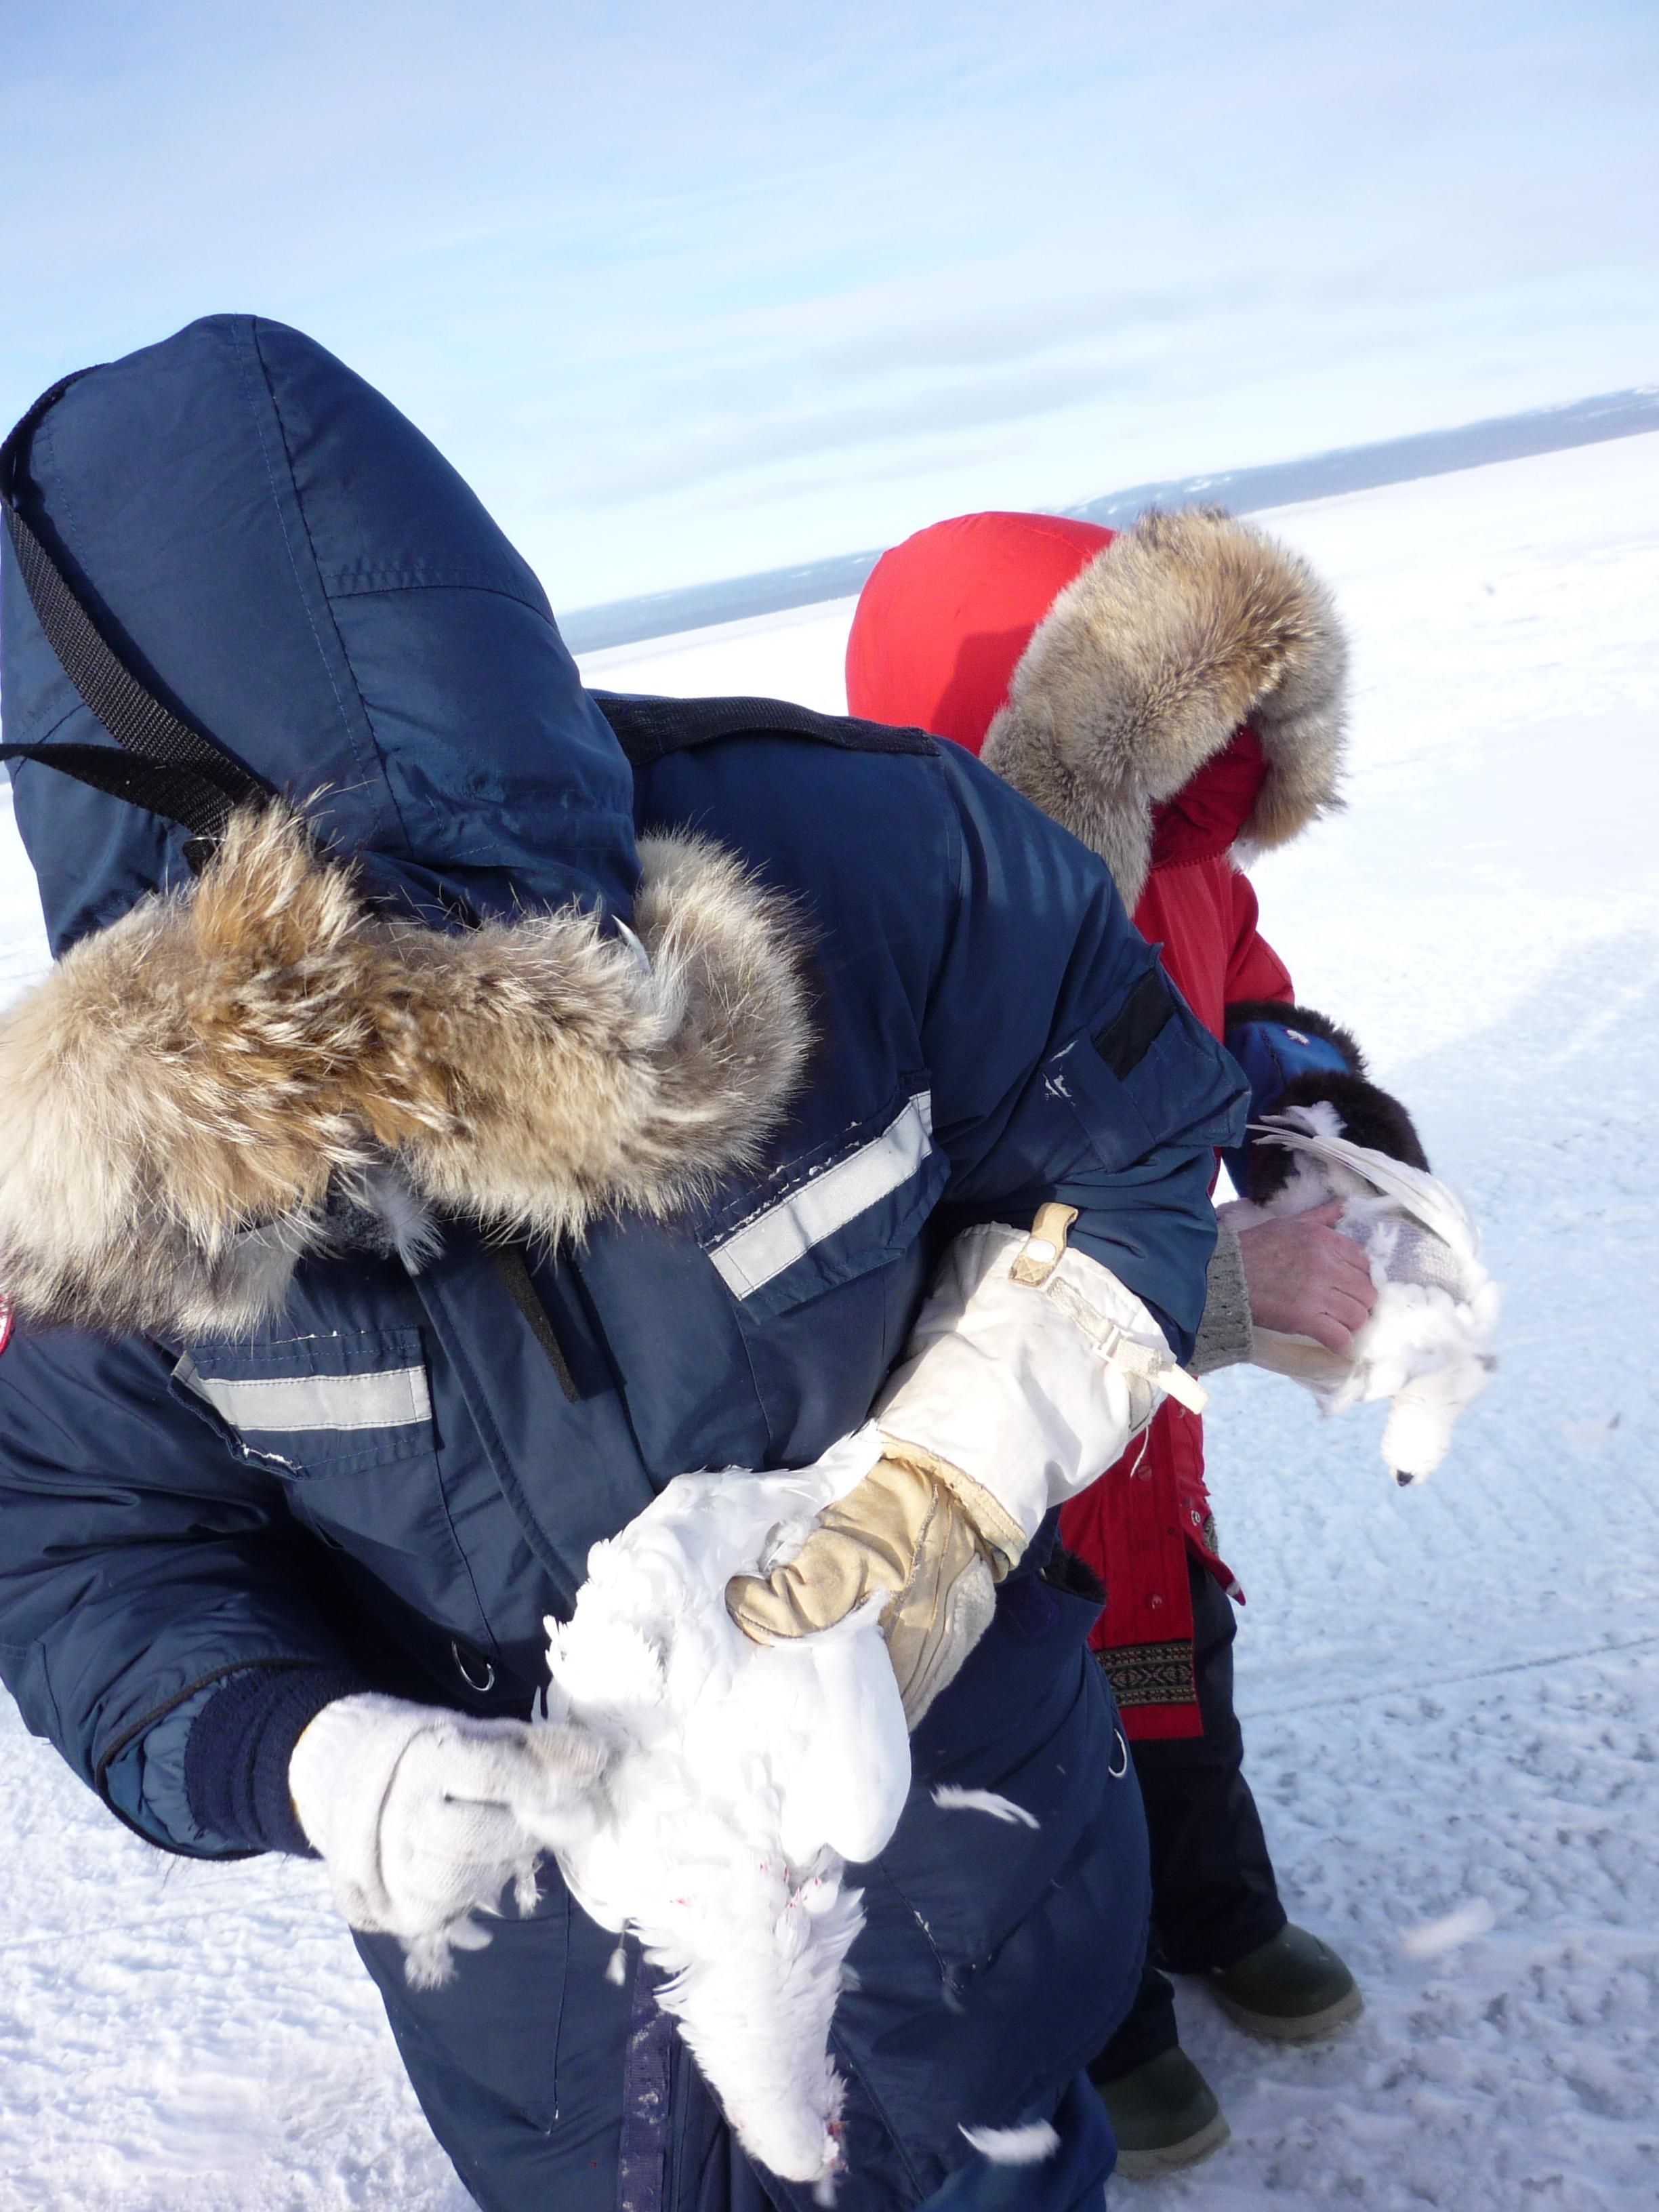 INUIT IN ARCTIC CANADA